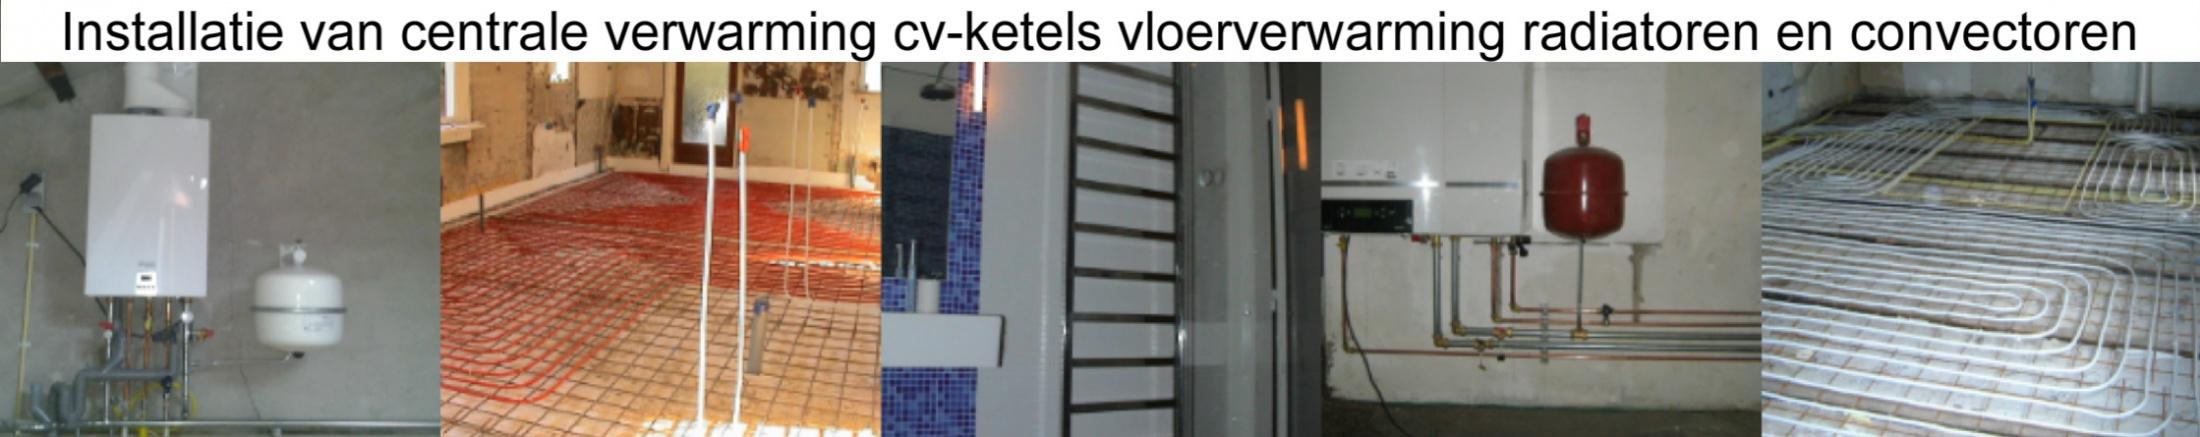 centrale verwarming Naarden Bussum Hilversum Huizen Muiden Muiderberg  Almere Baarn en Laren e.o.